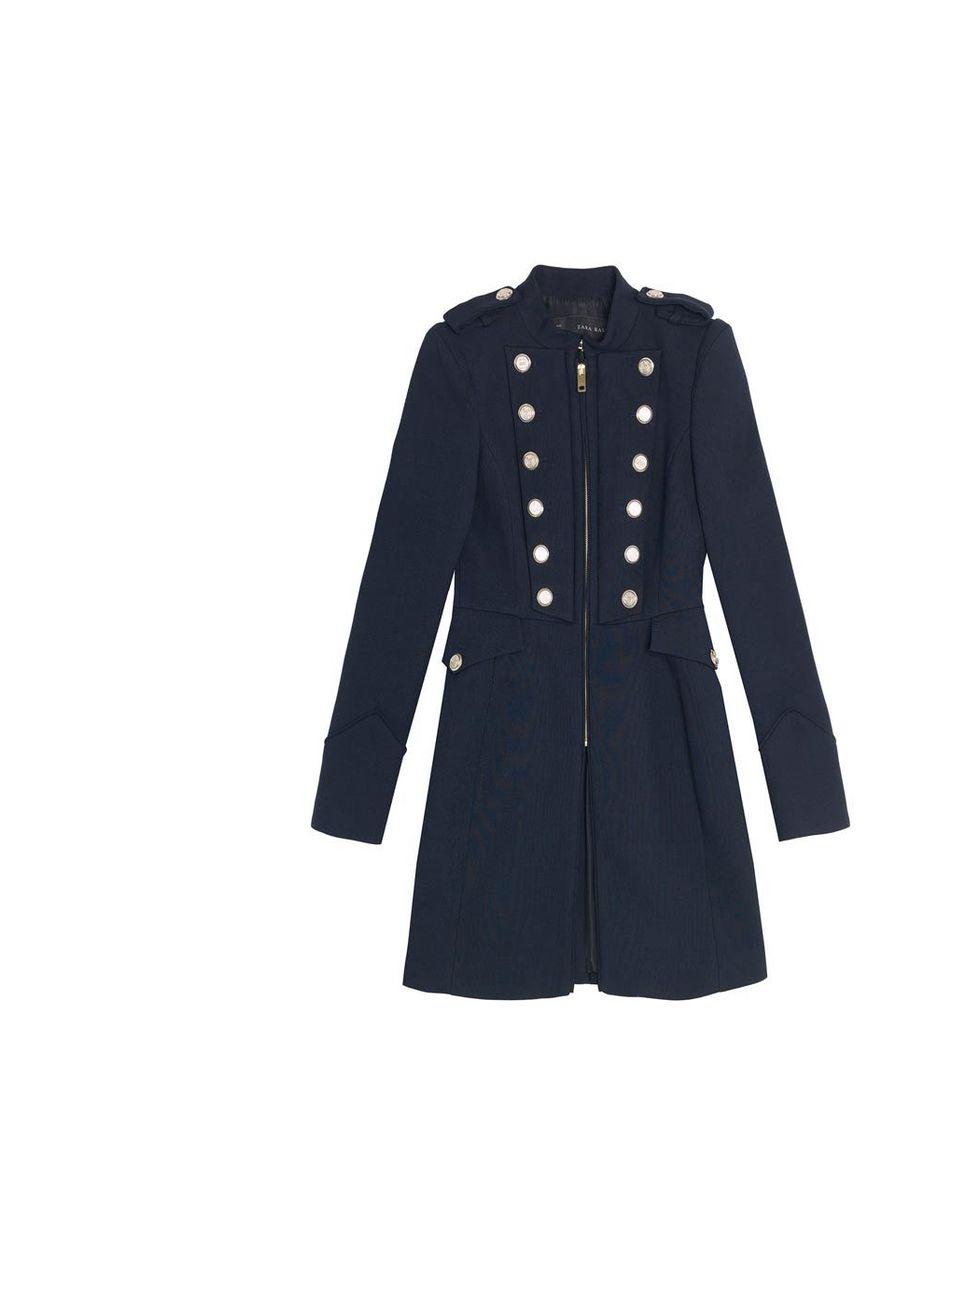 The Best Winter Coats